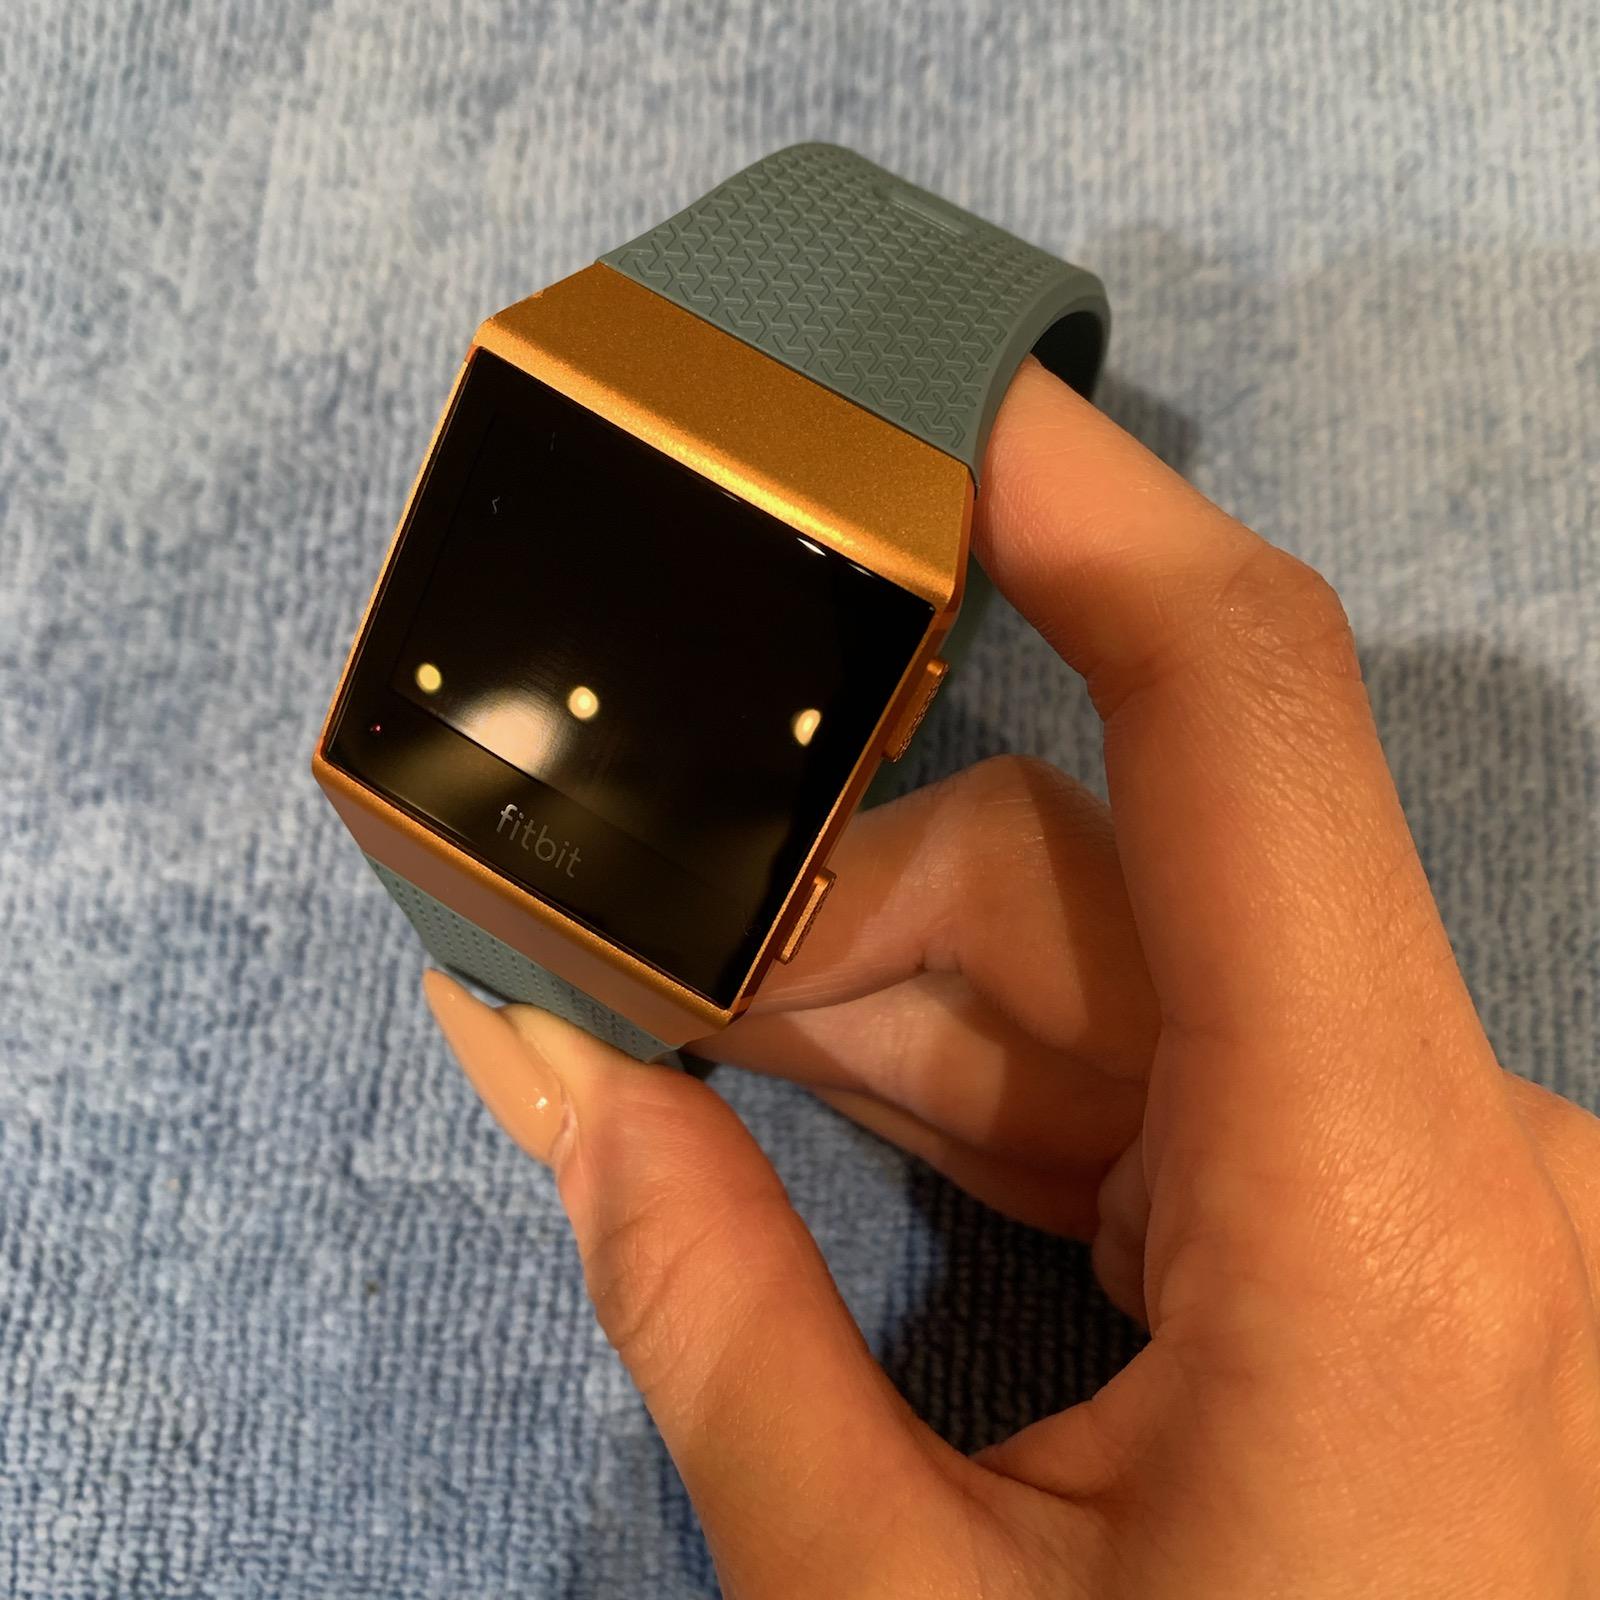 【iPhone修理】スマホやiPhone以外でもガラスコーティング施工は可能でございます! 強化UP & 指紋/汚れ付きにくく!約7分で最強に!!体験してみませんか?《尼崎・伊丹・塚口・宝塚・川西・豊中》